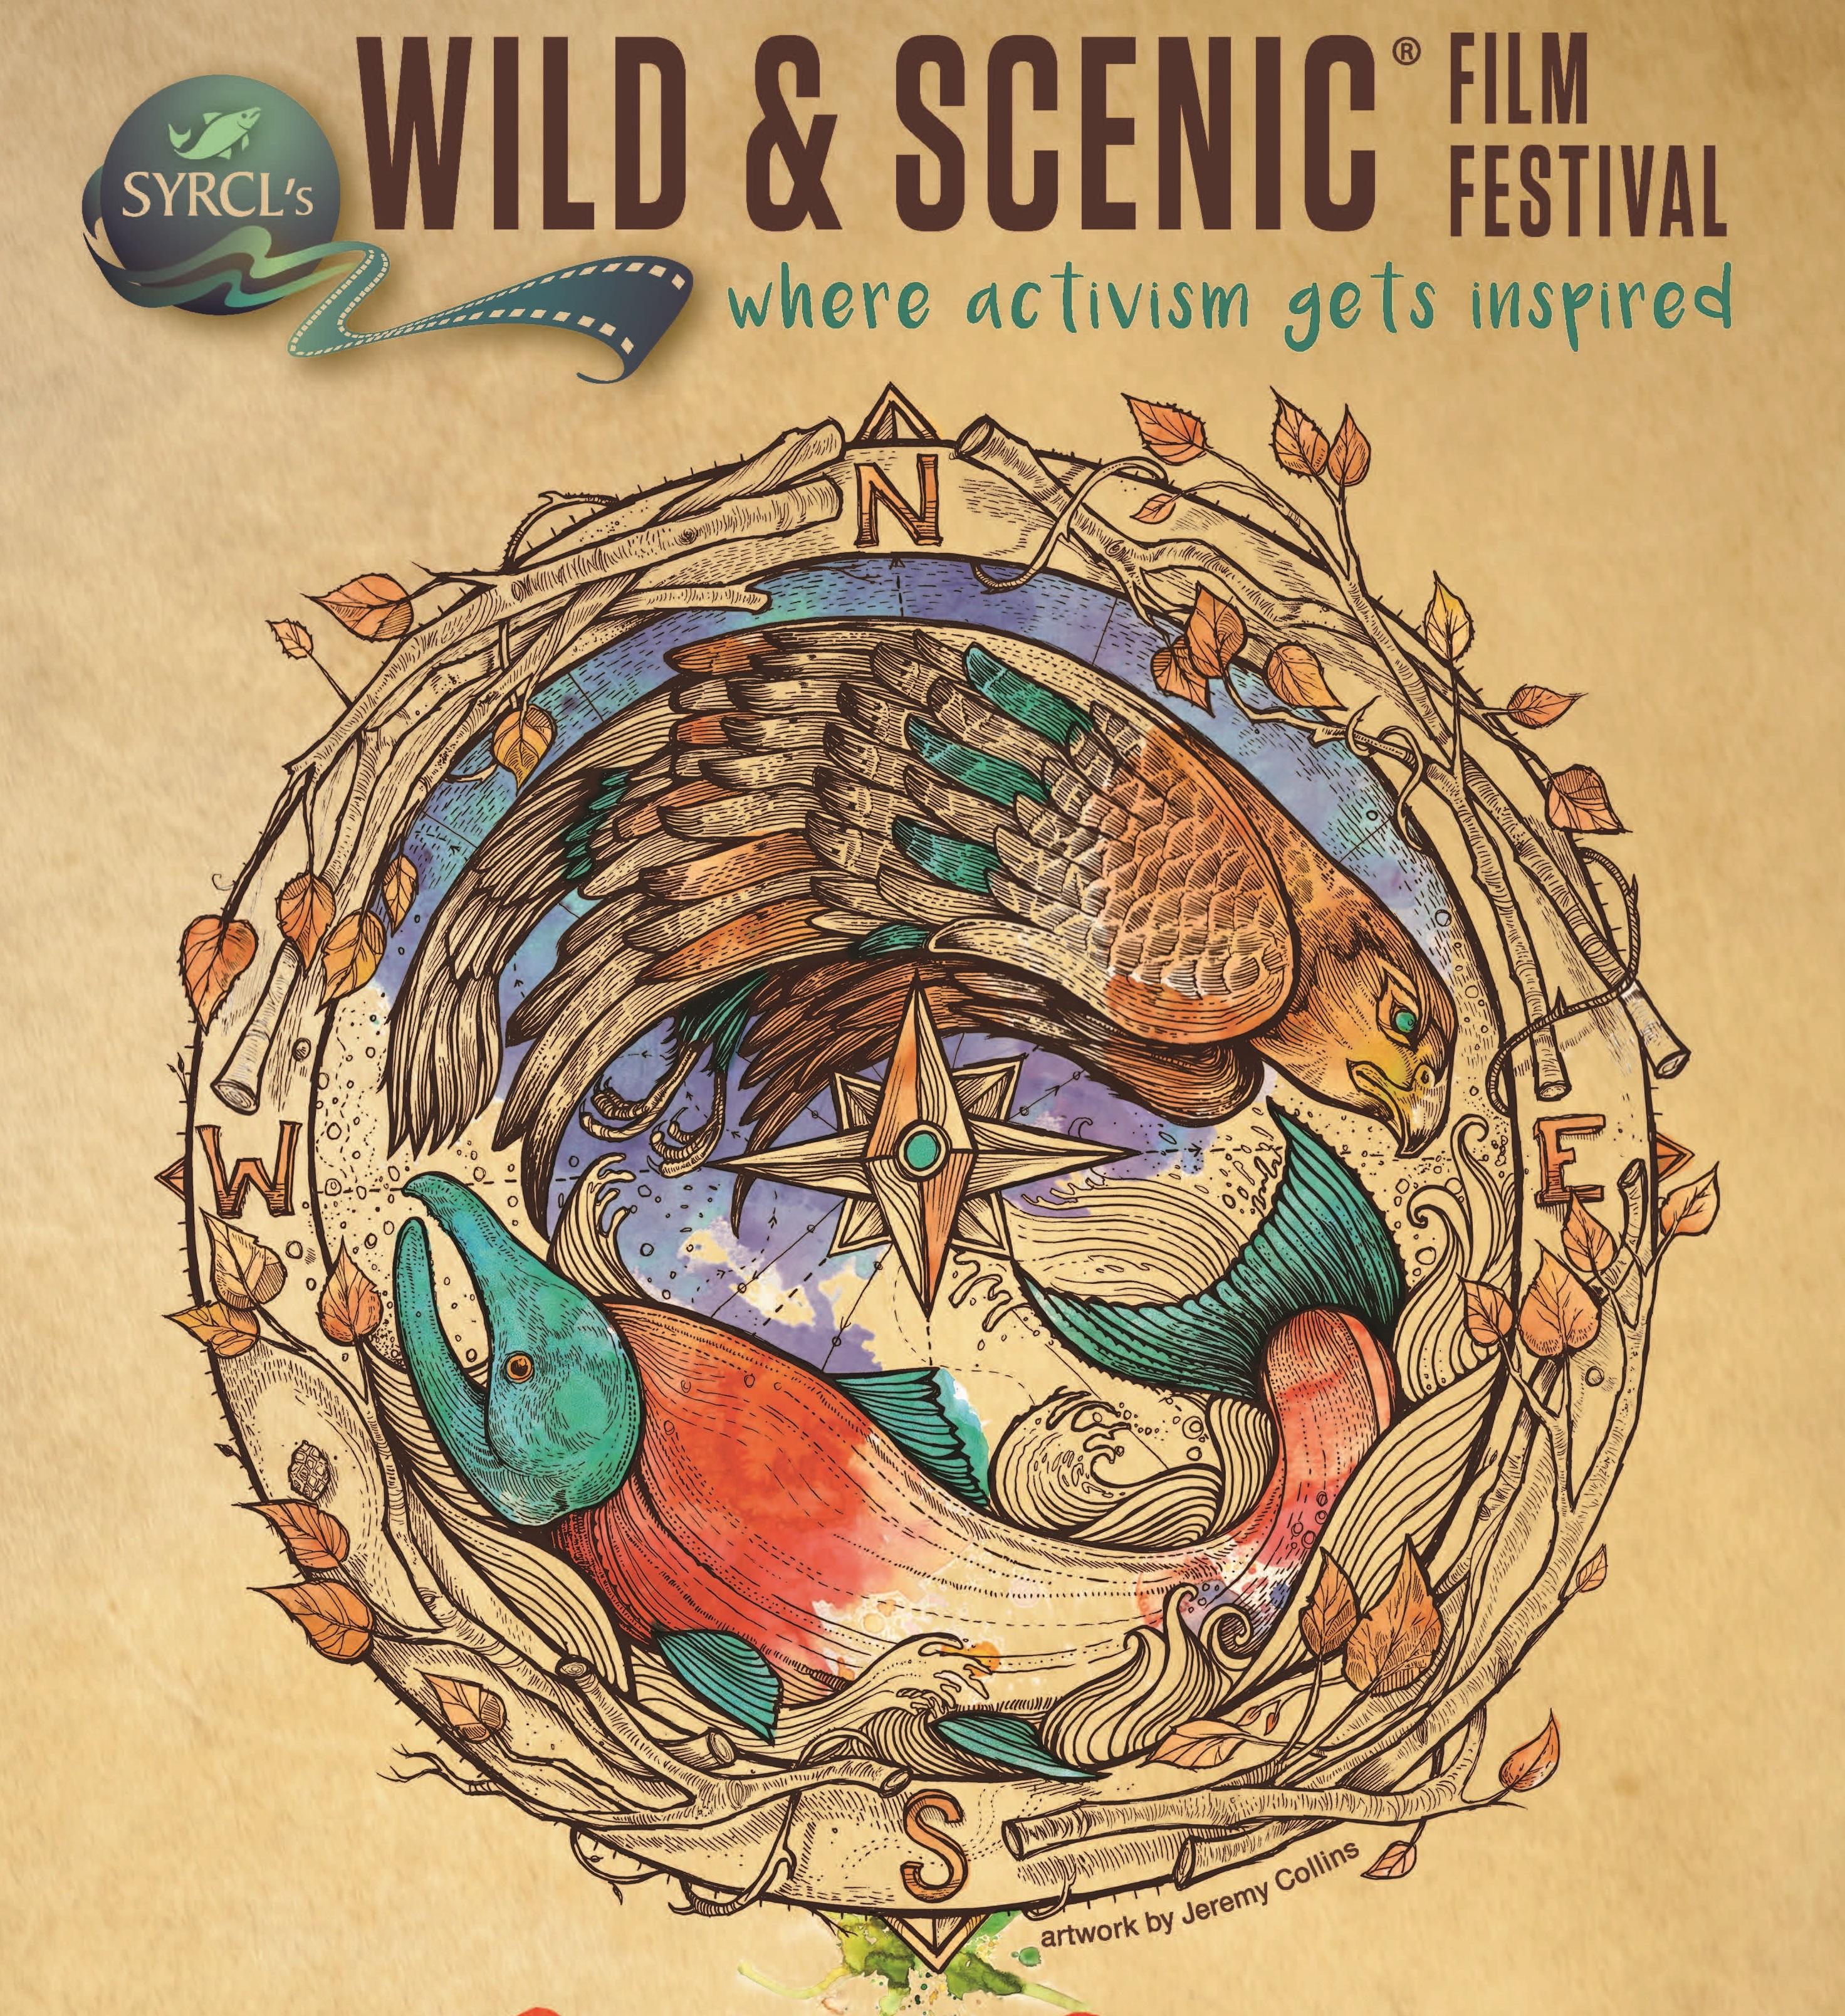 wild and scenic logo festival